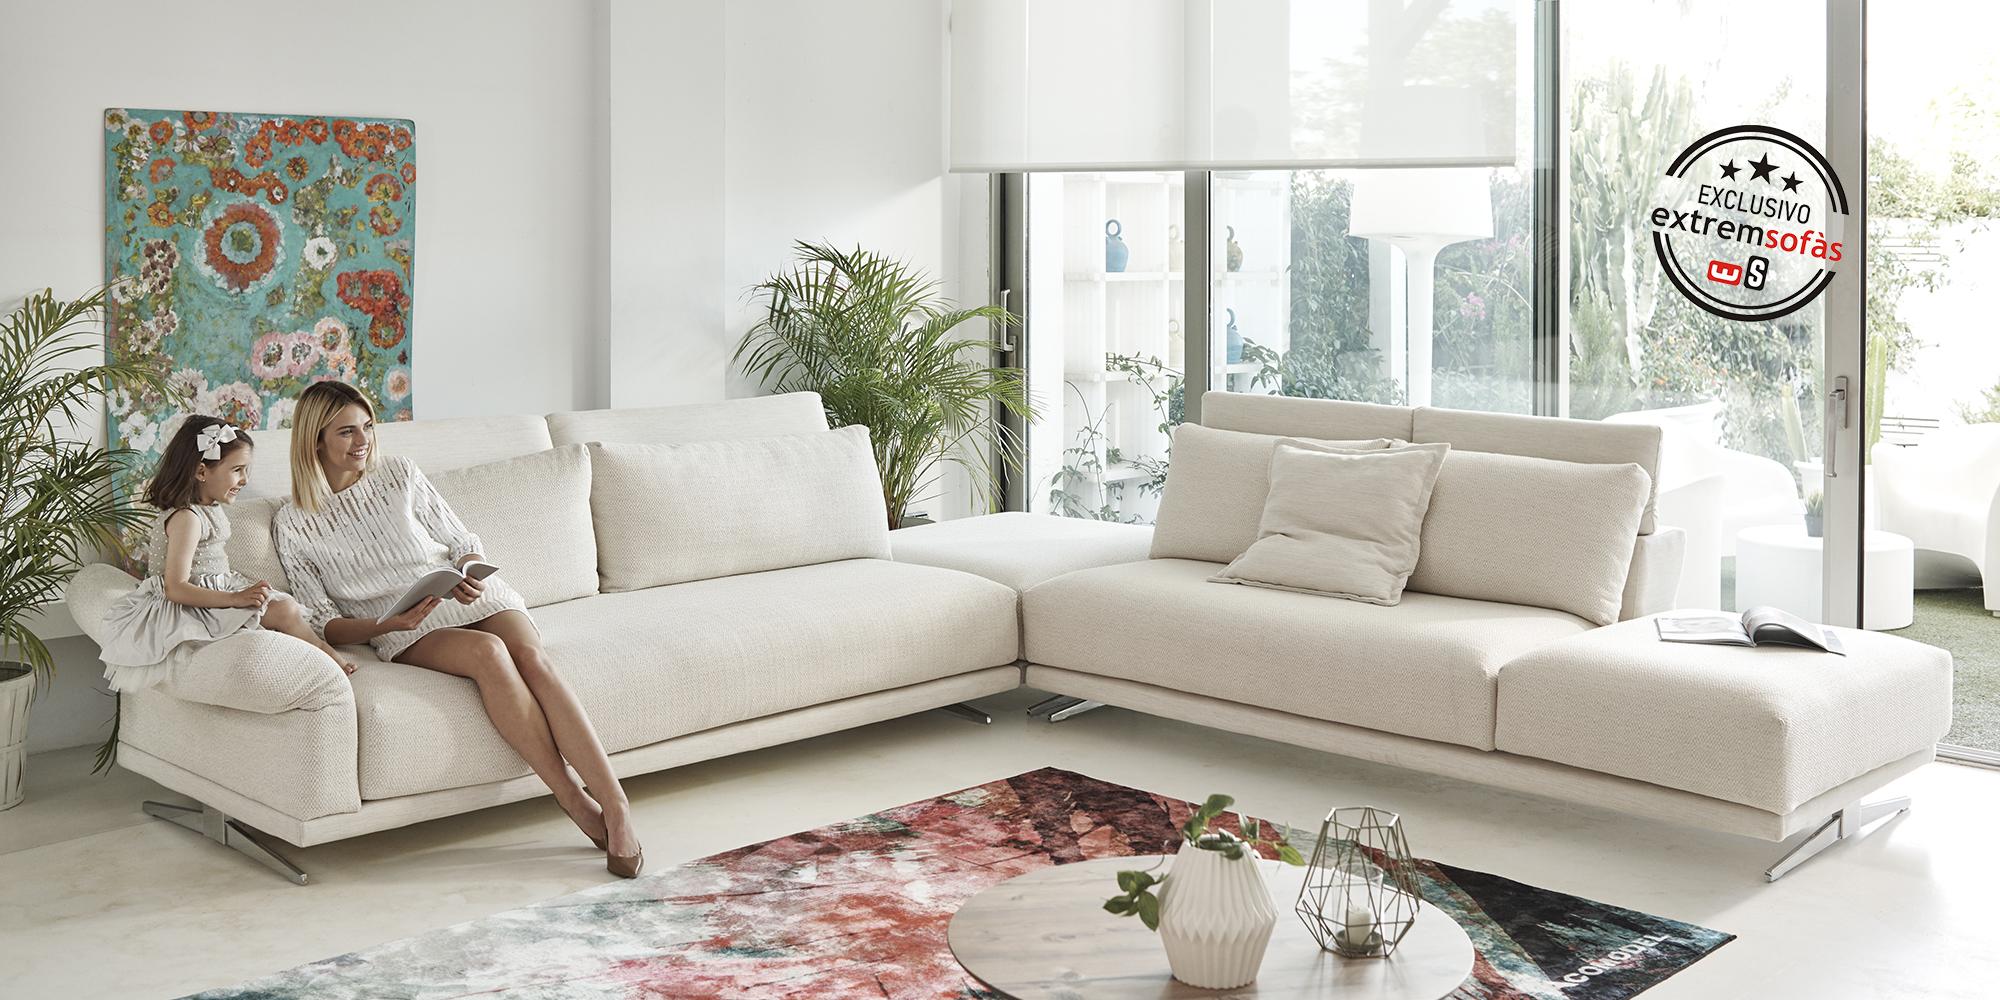 que sofa cornella baix llobregat, comprar sofá on line cornella baix llobregat,